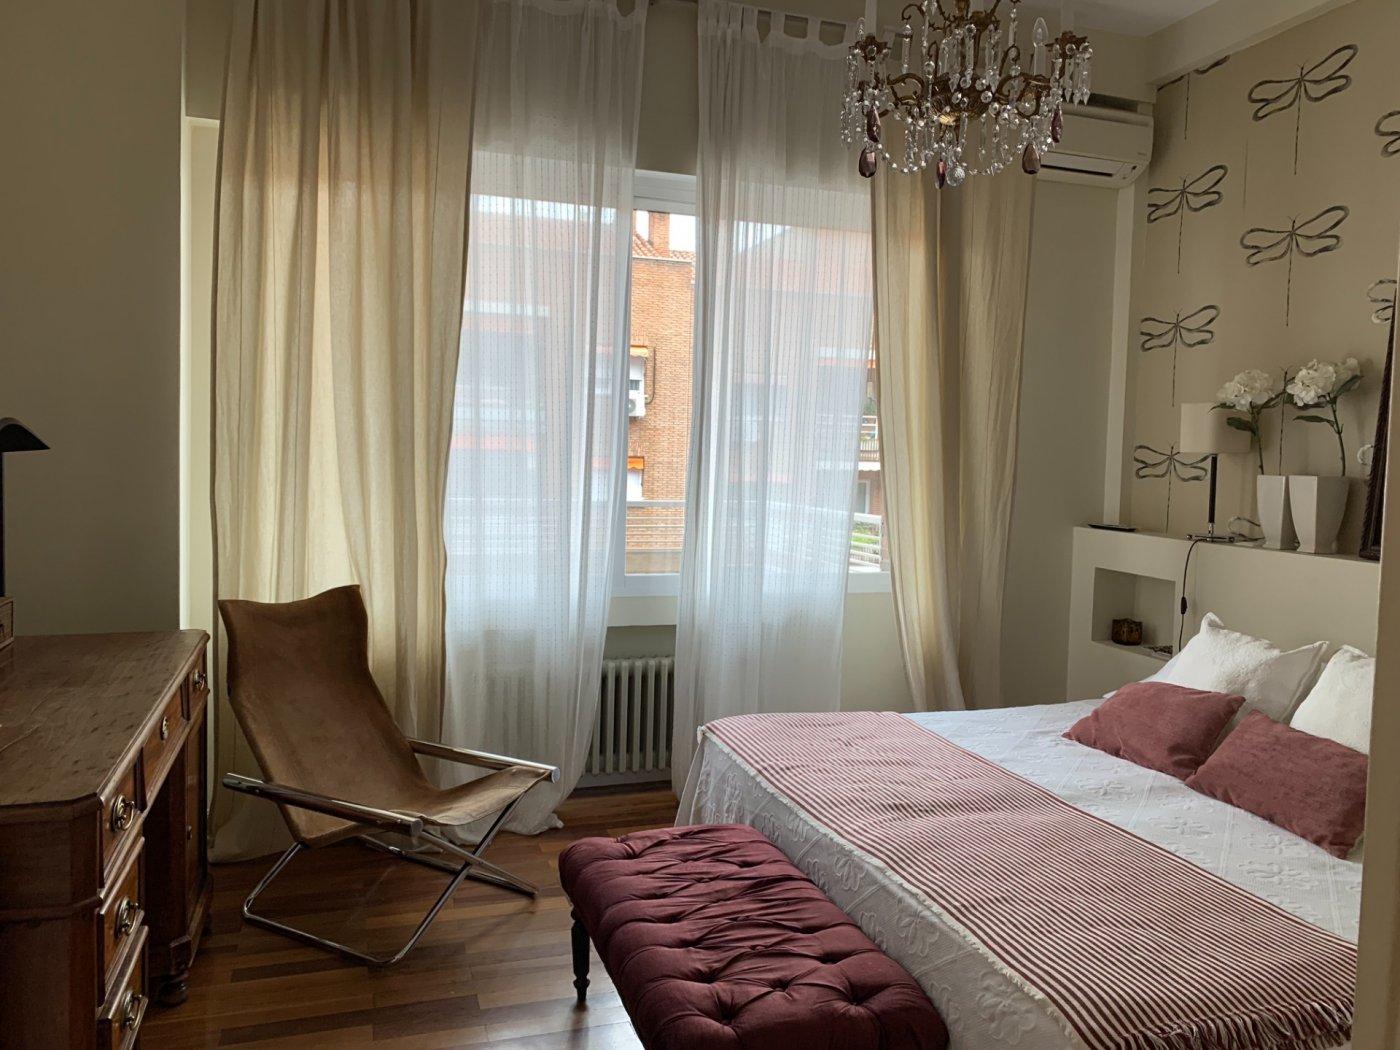 Venta de piso en madrid - imagenInmueble25